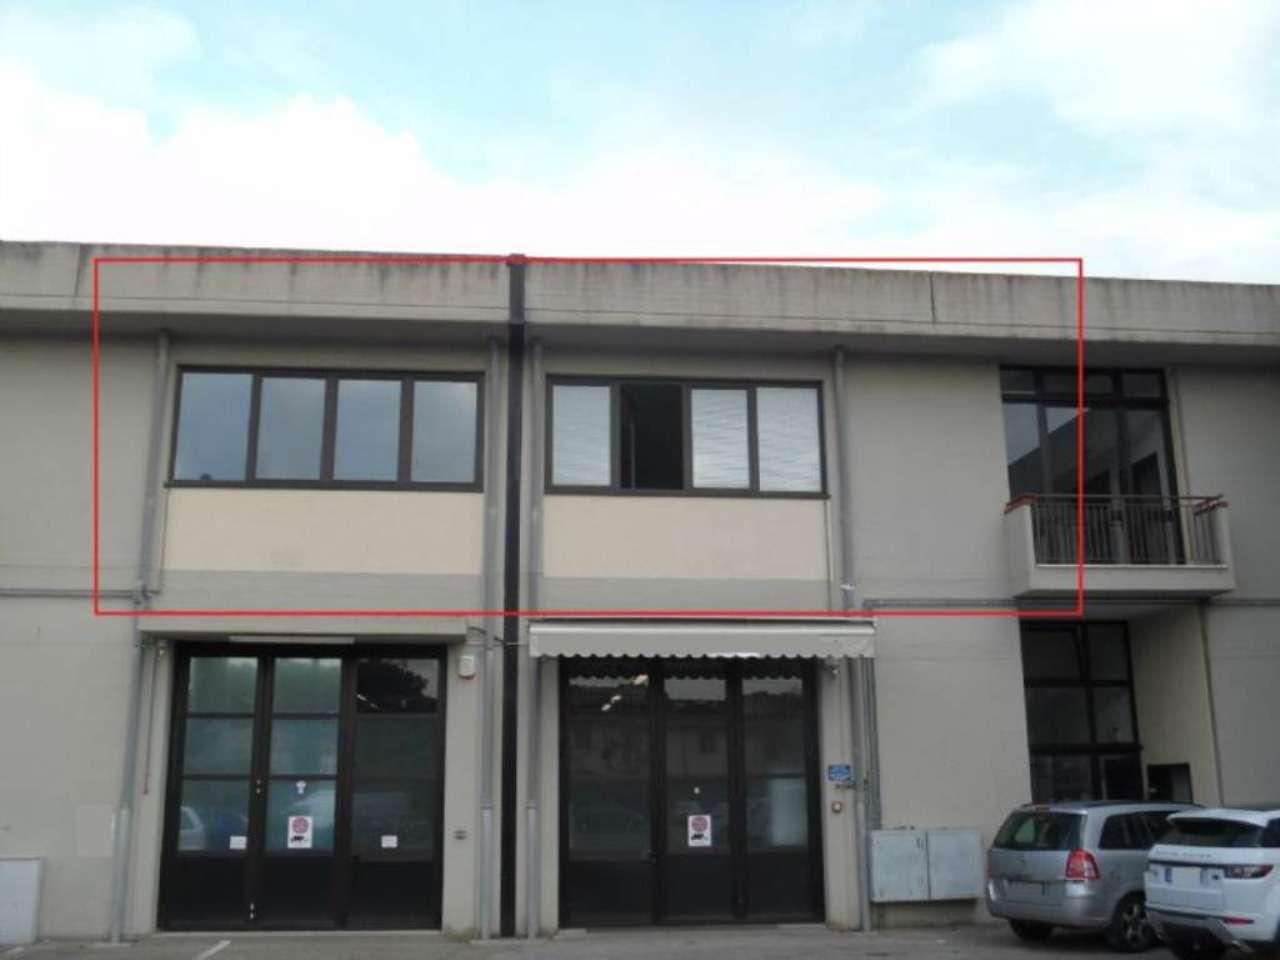 Laboratorio in vendita a Scandicci, 1 locali, prezzo € 187.000 | Cambio Casa.it